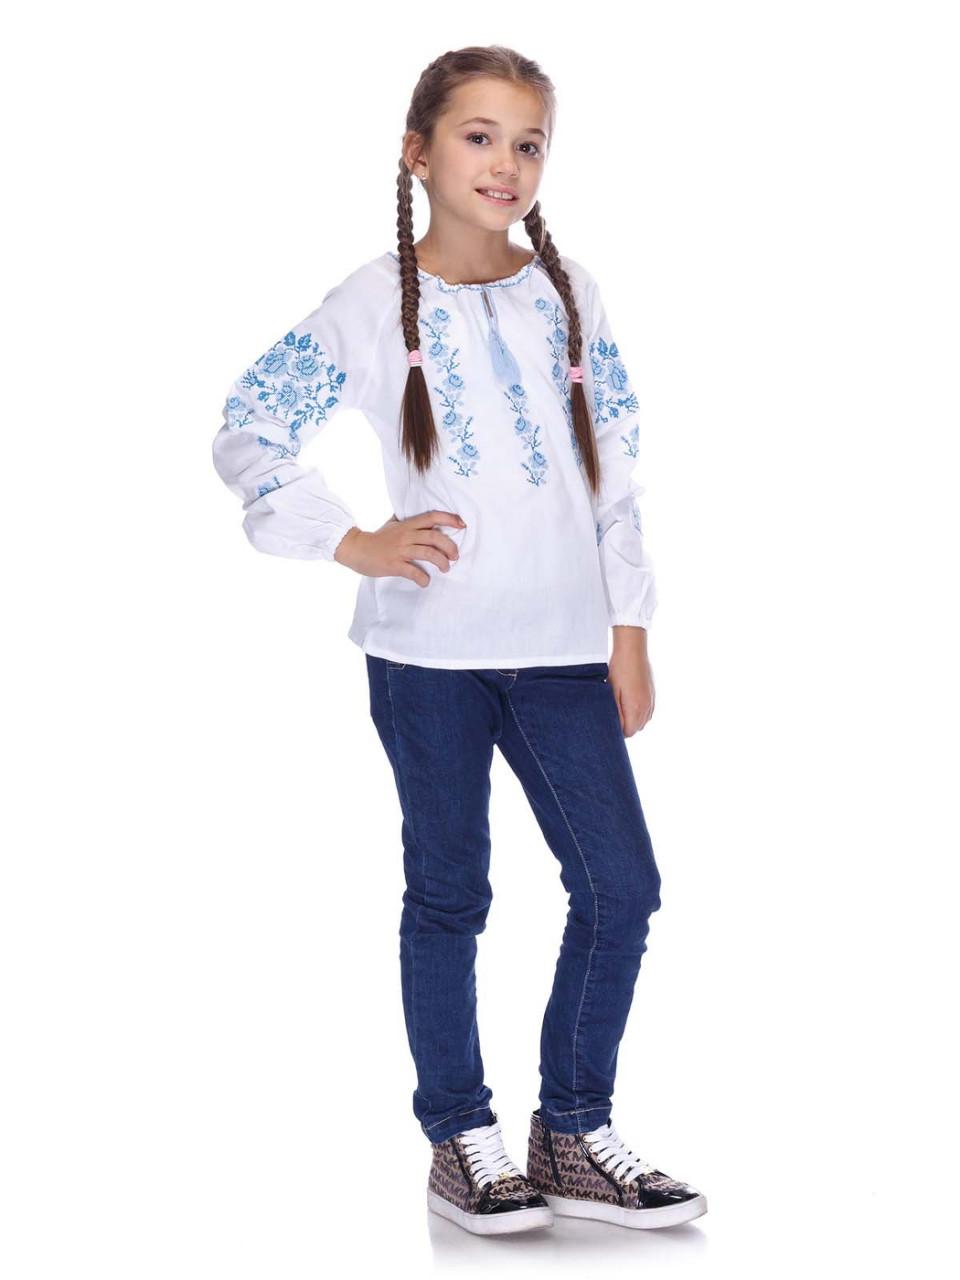 Вышитая сорочка для девочки (голубая вышивка) - фото 1